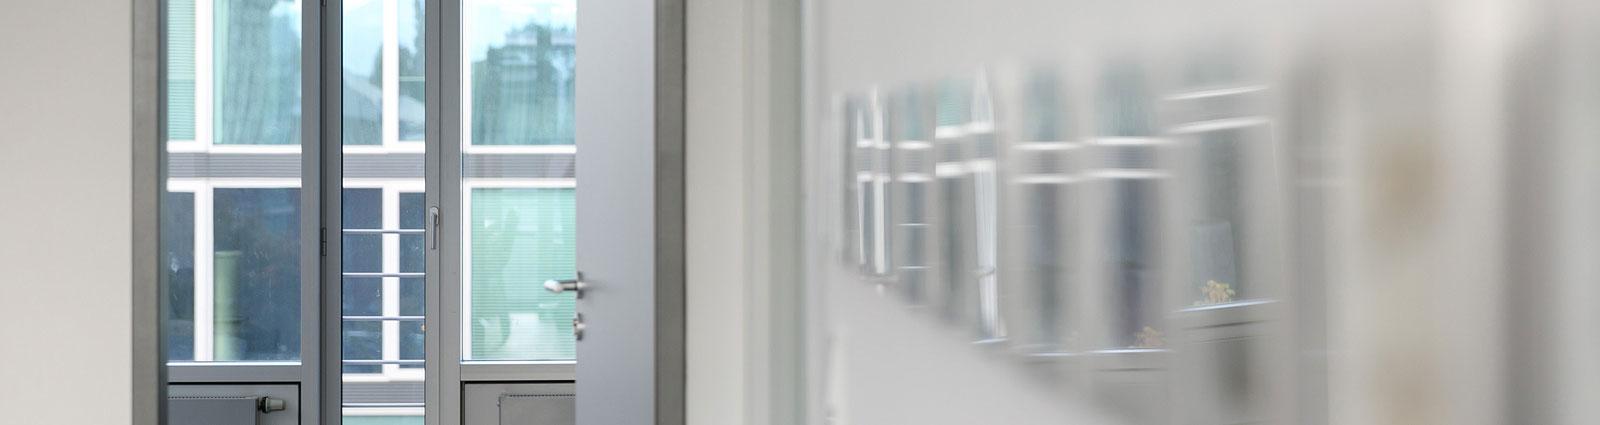 Moderner Raum Miete Am Bonner Bogen